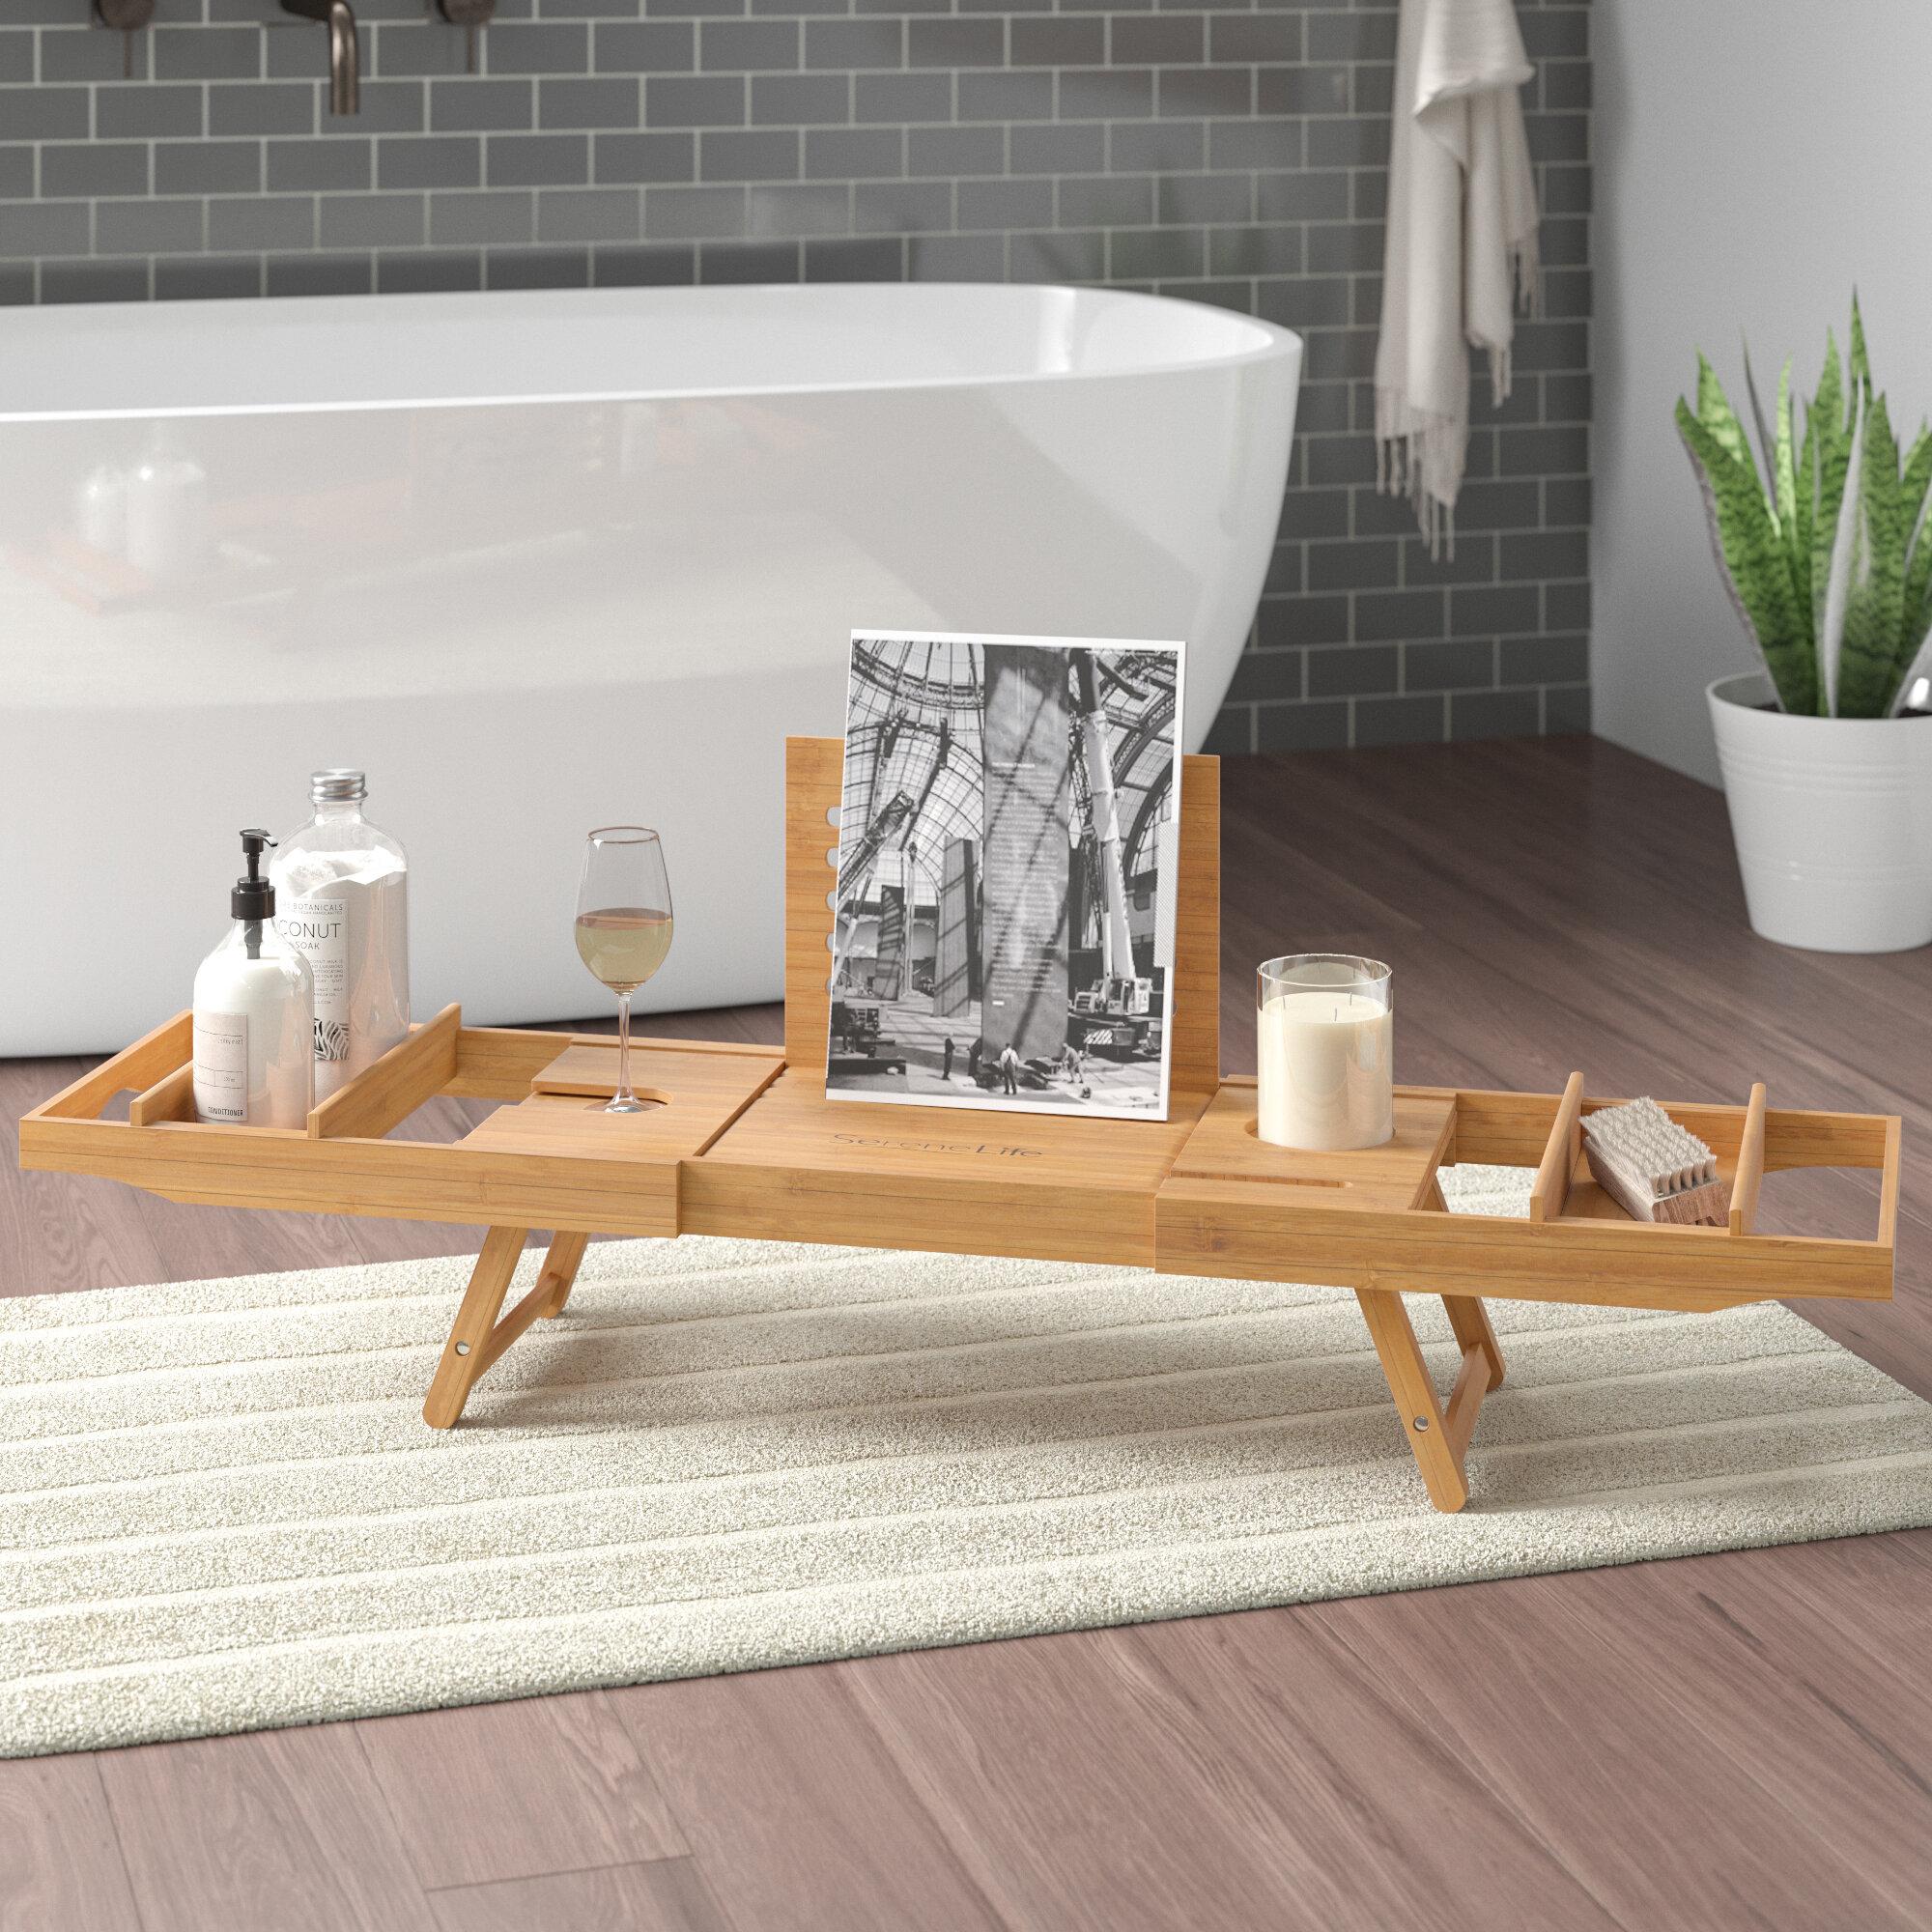 Ebern Designs Beliveau Bamboo Bathtub Caddy Tray Reviews Wayfair